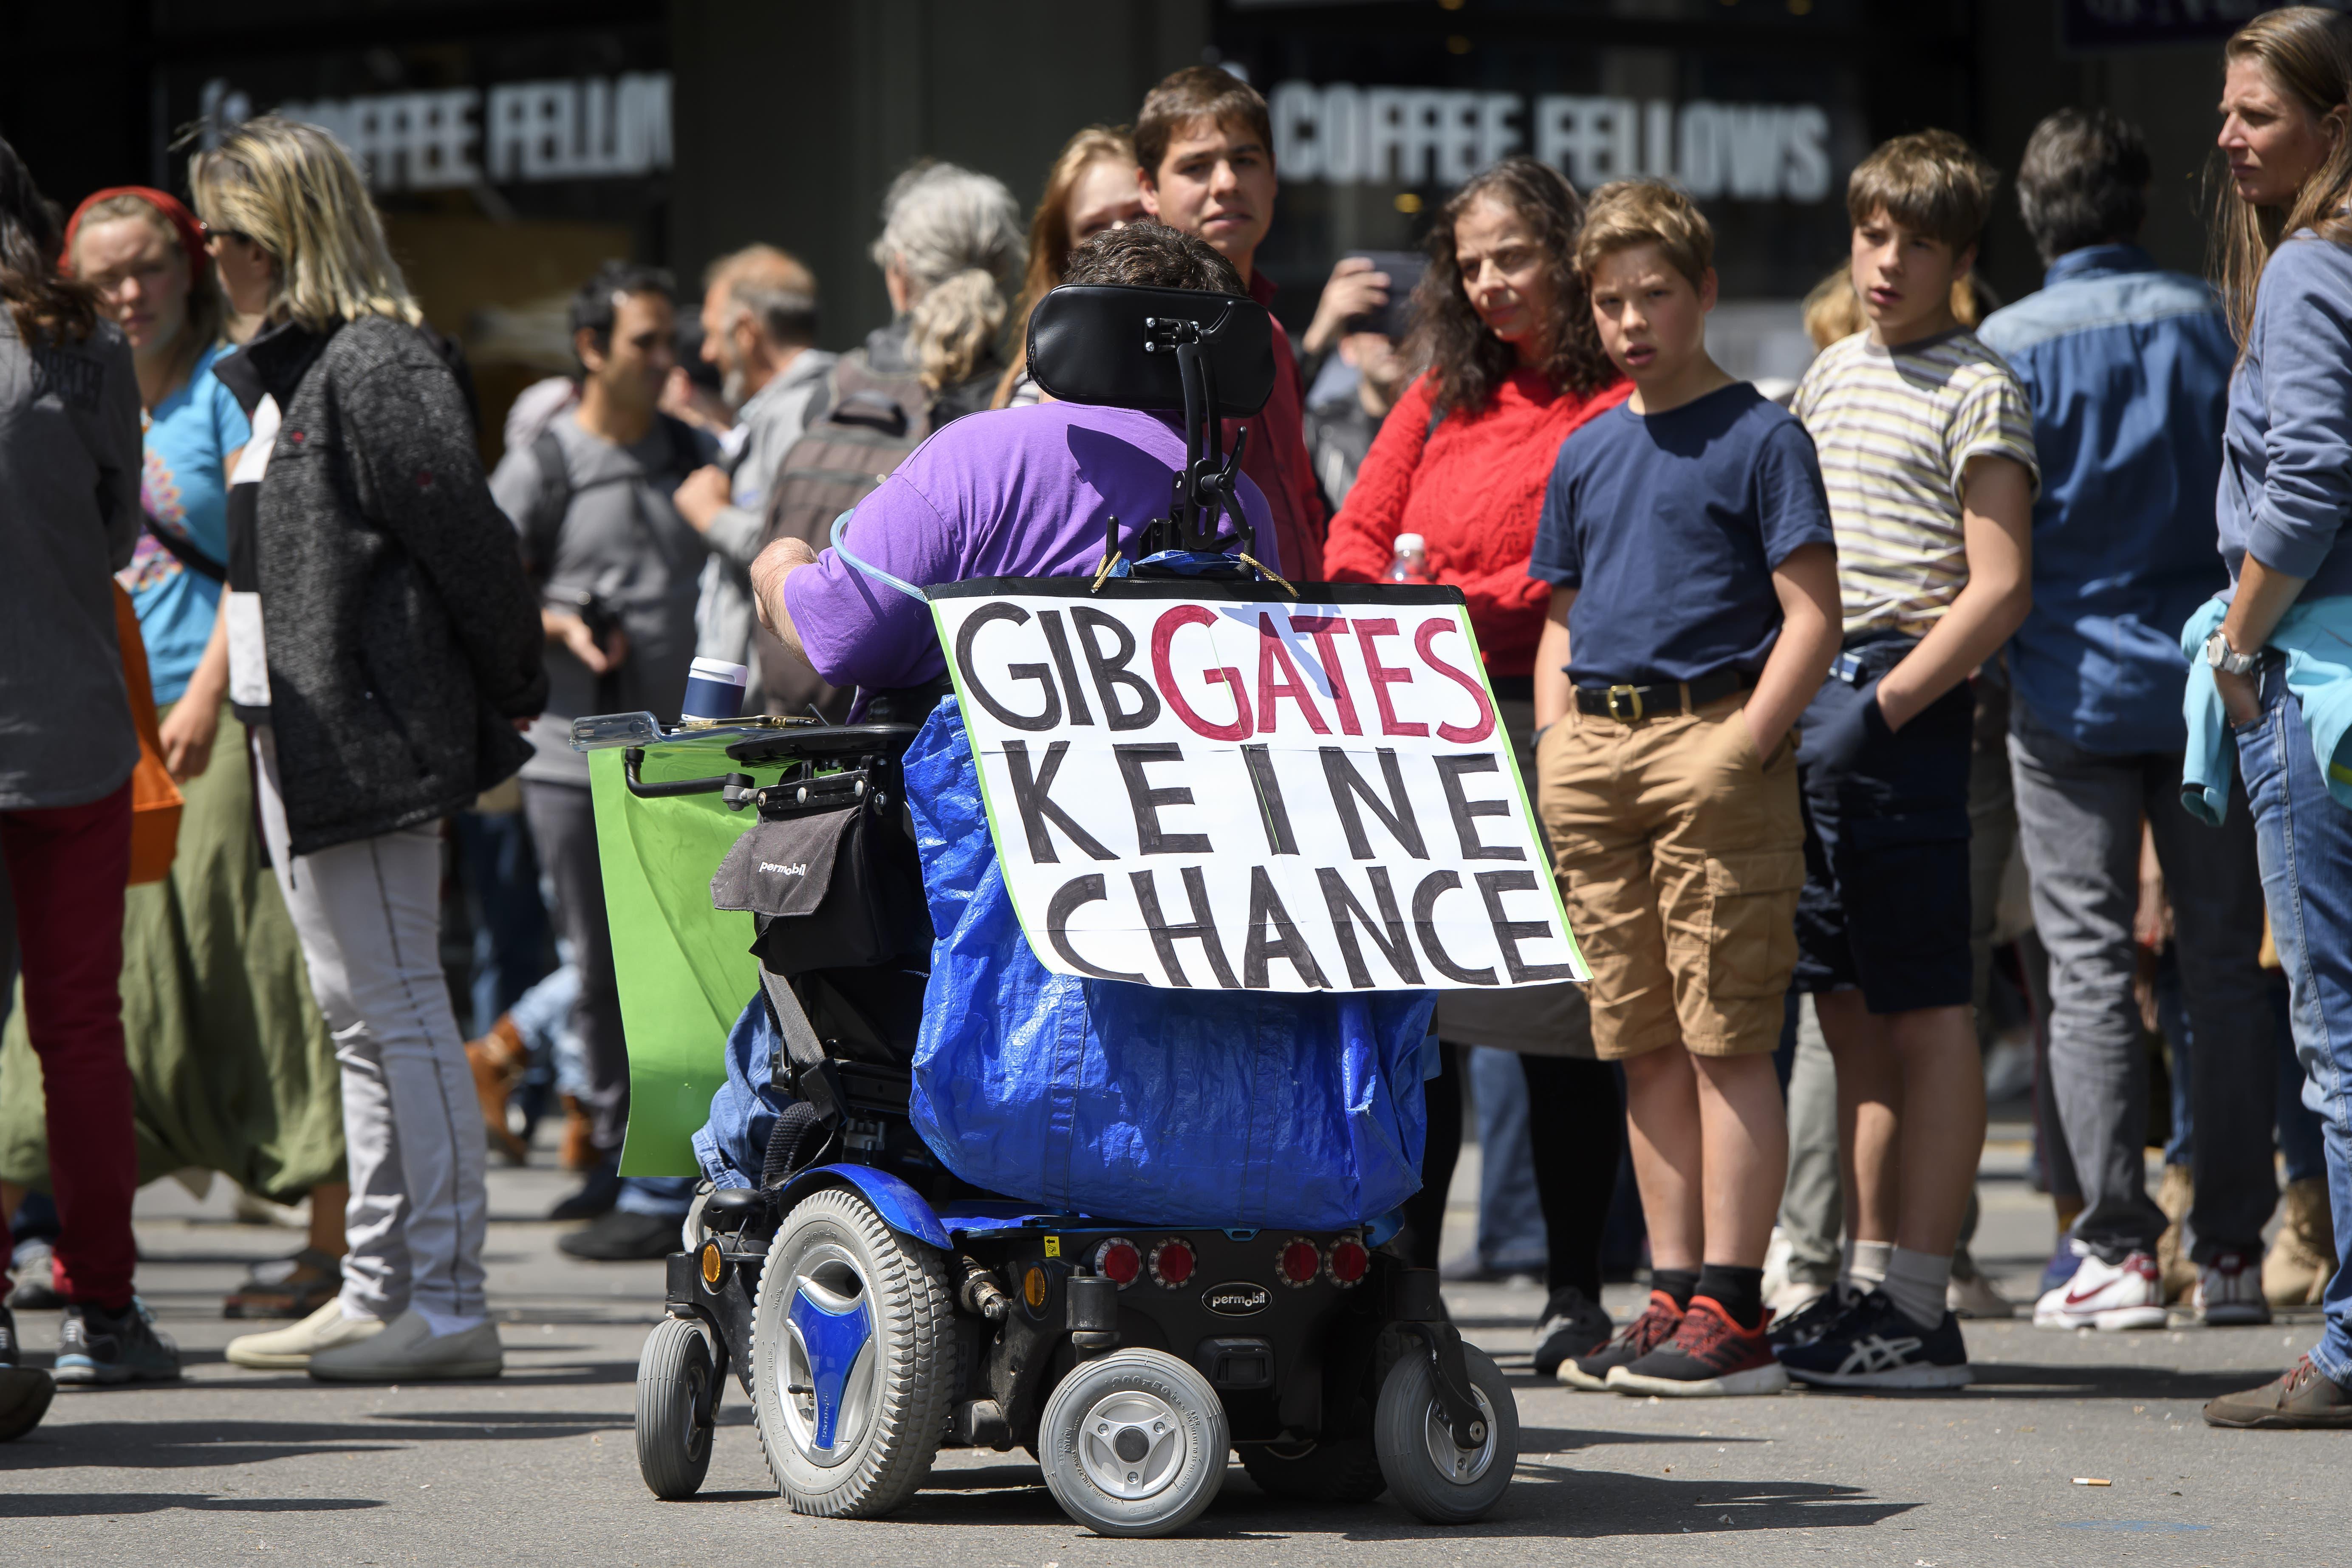 Ein Demonstrant im Rollstuhl, bei einer Demonstration gegen den Coronavirus Lockdown, am Samstag, 16. Mai 2020, vor dem Bundesplatz, in Bern. (KEYSTONE/Anthony Anex)